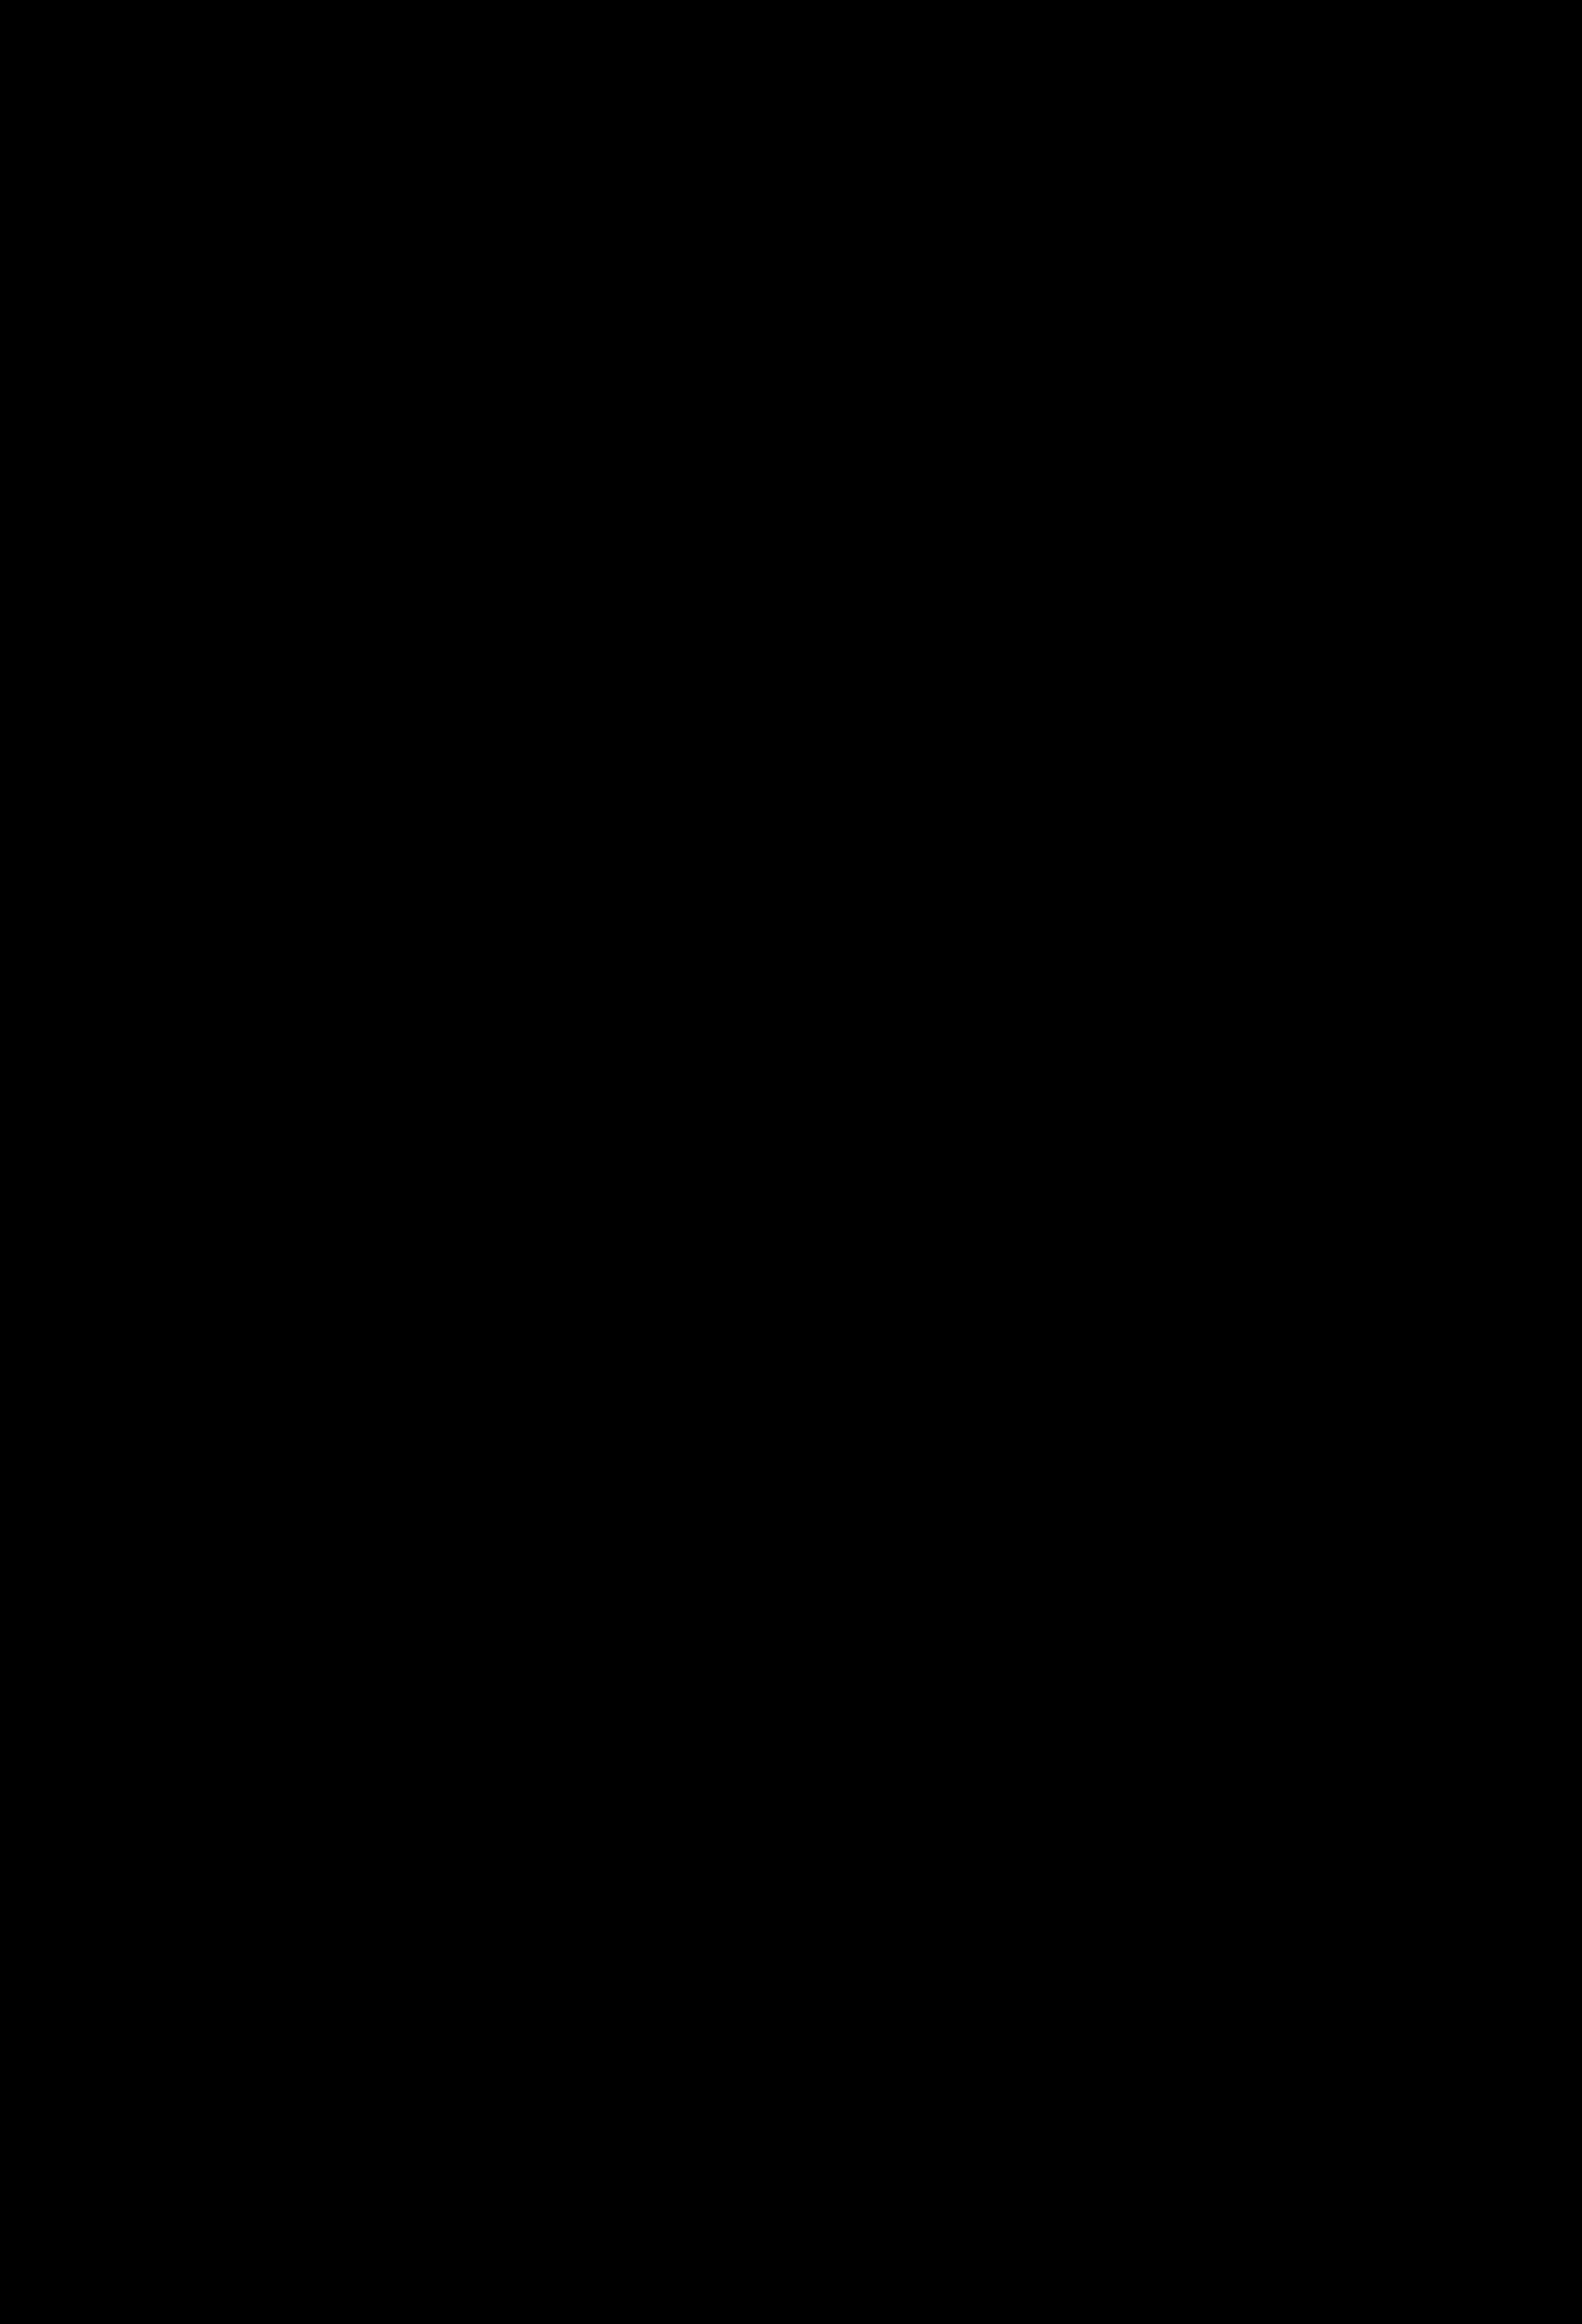 Interni - Specchi - Specchio murale Ovale - / Vetro riflettente stampato - H 84 cm di Fritz Hansen - Vetro / Oceano - MDF laccato, Vetro stampato